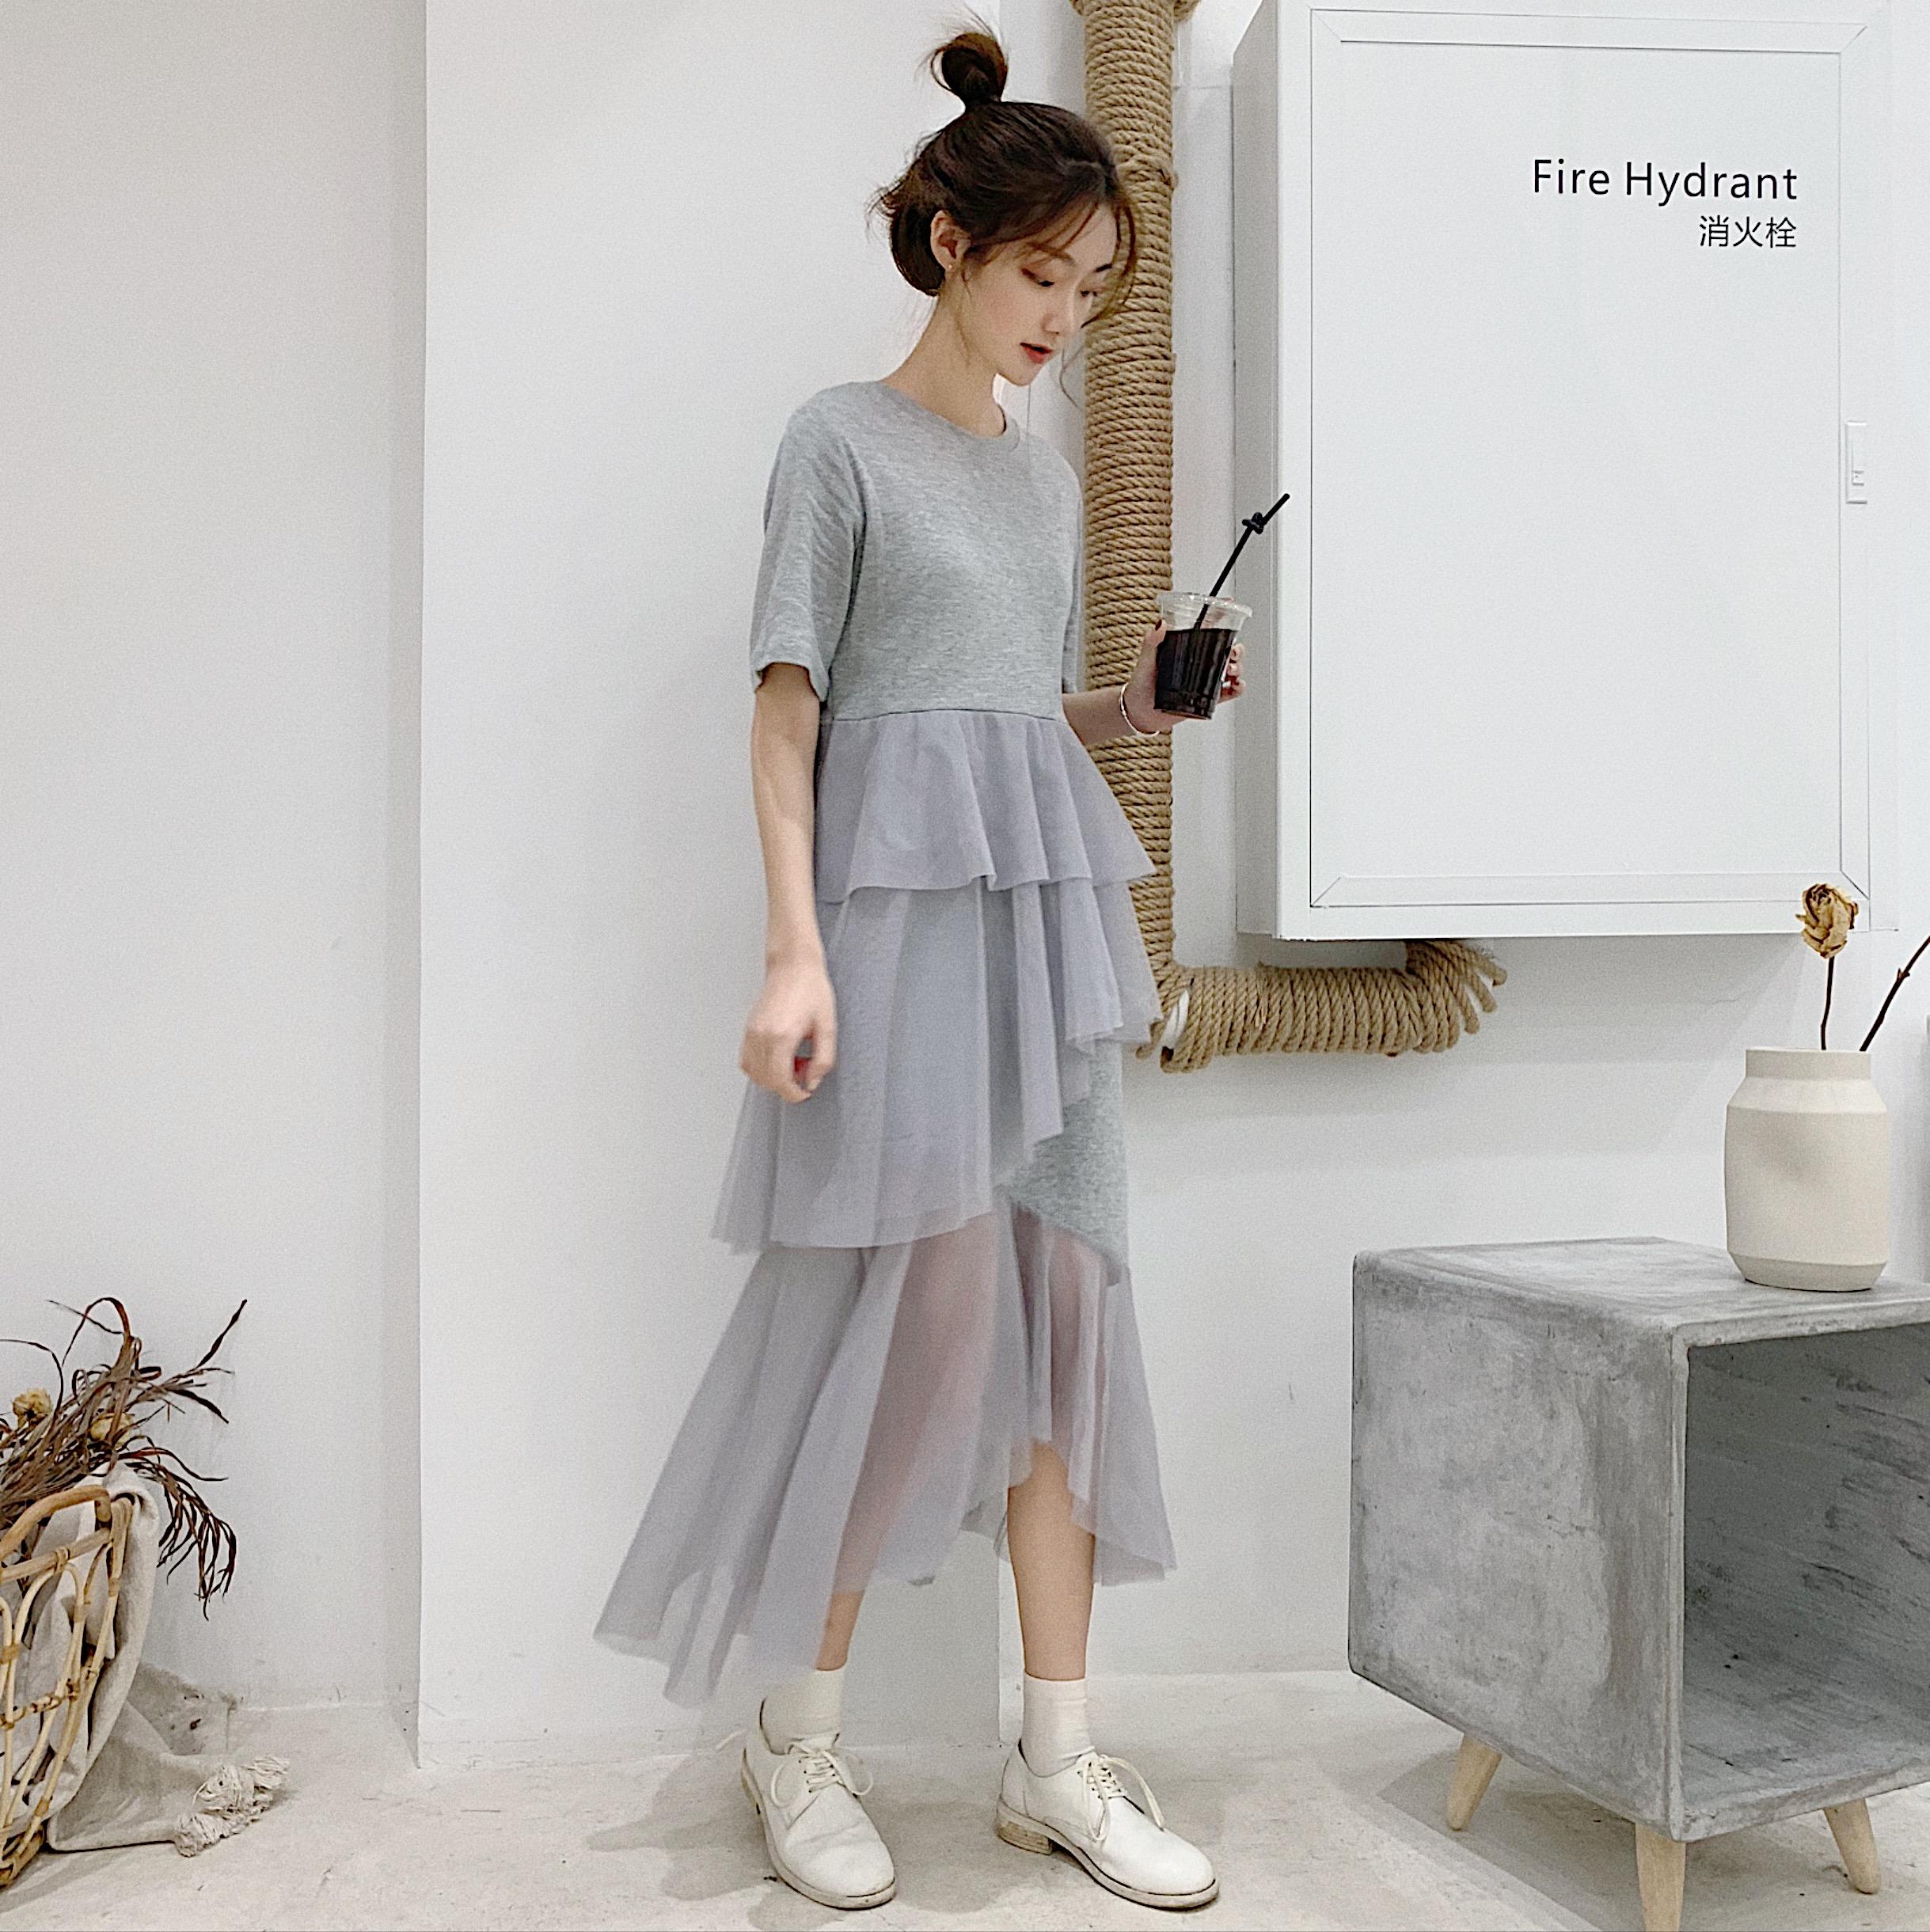 ?#36136;?#25293;?#23548;踾2019?#21512;?#23395;新款韩版短袖不规则连衣裙拼接网纱裙